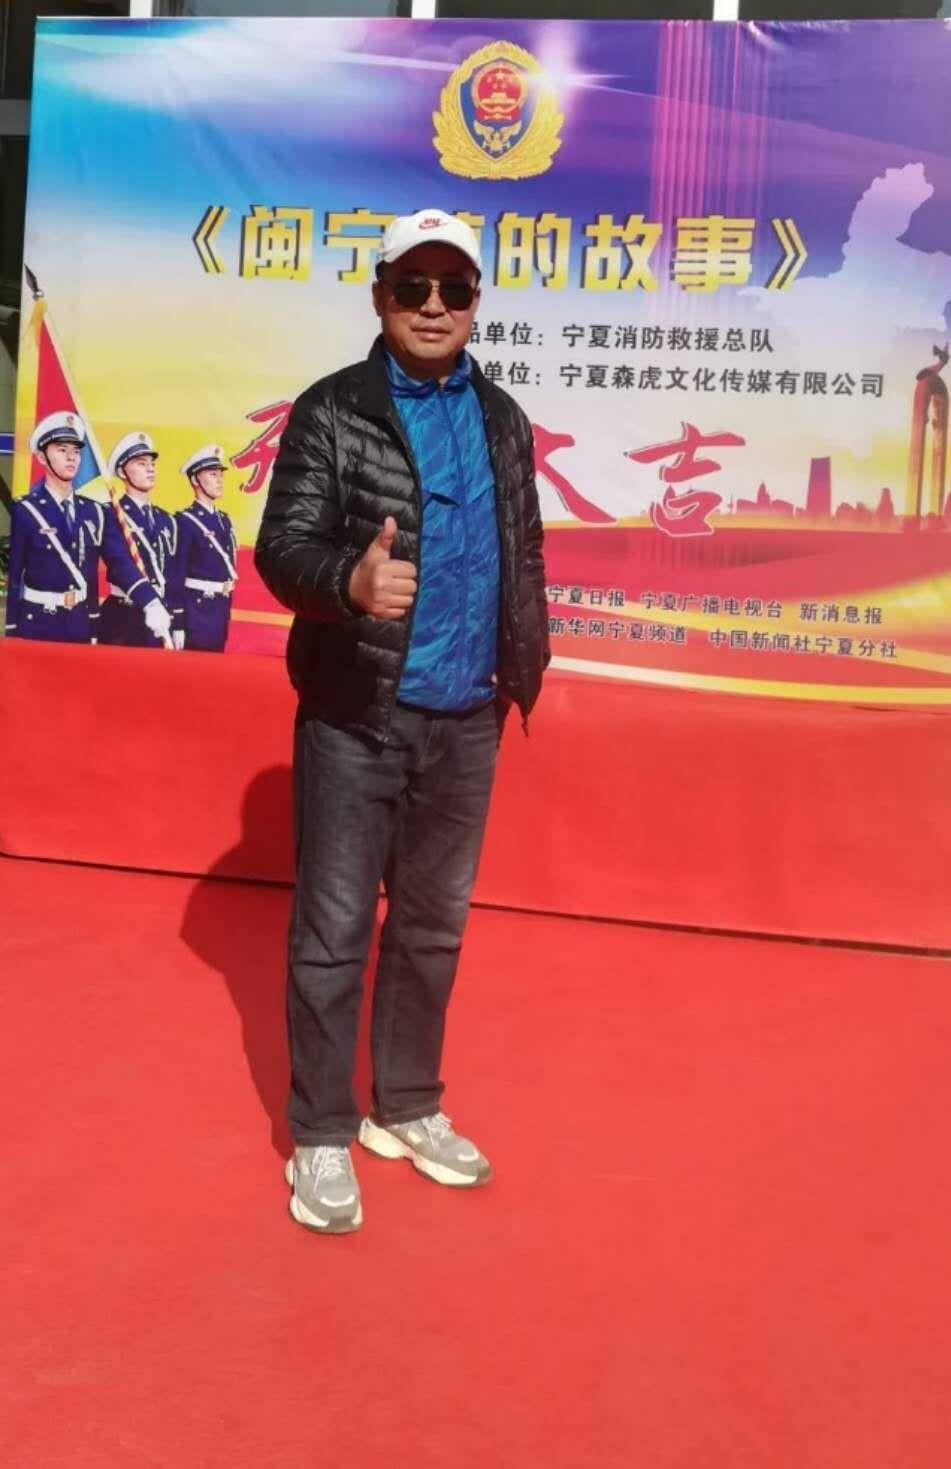 近日由赵君安执导的电影(闽宁镇的故事)在银川开机拍摄